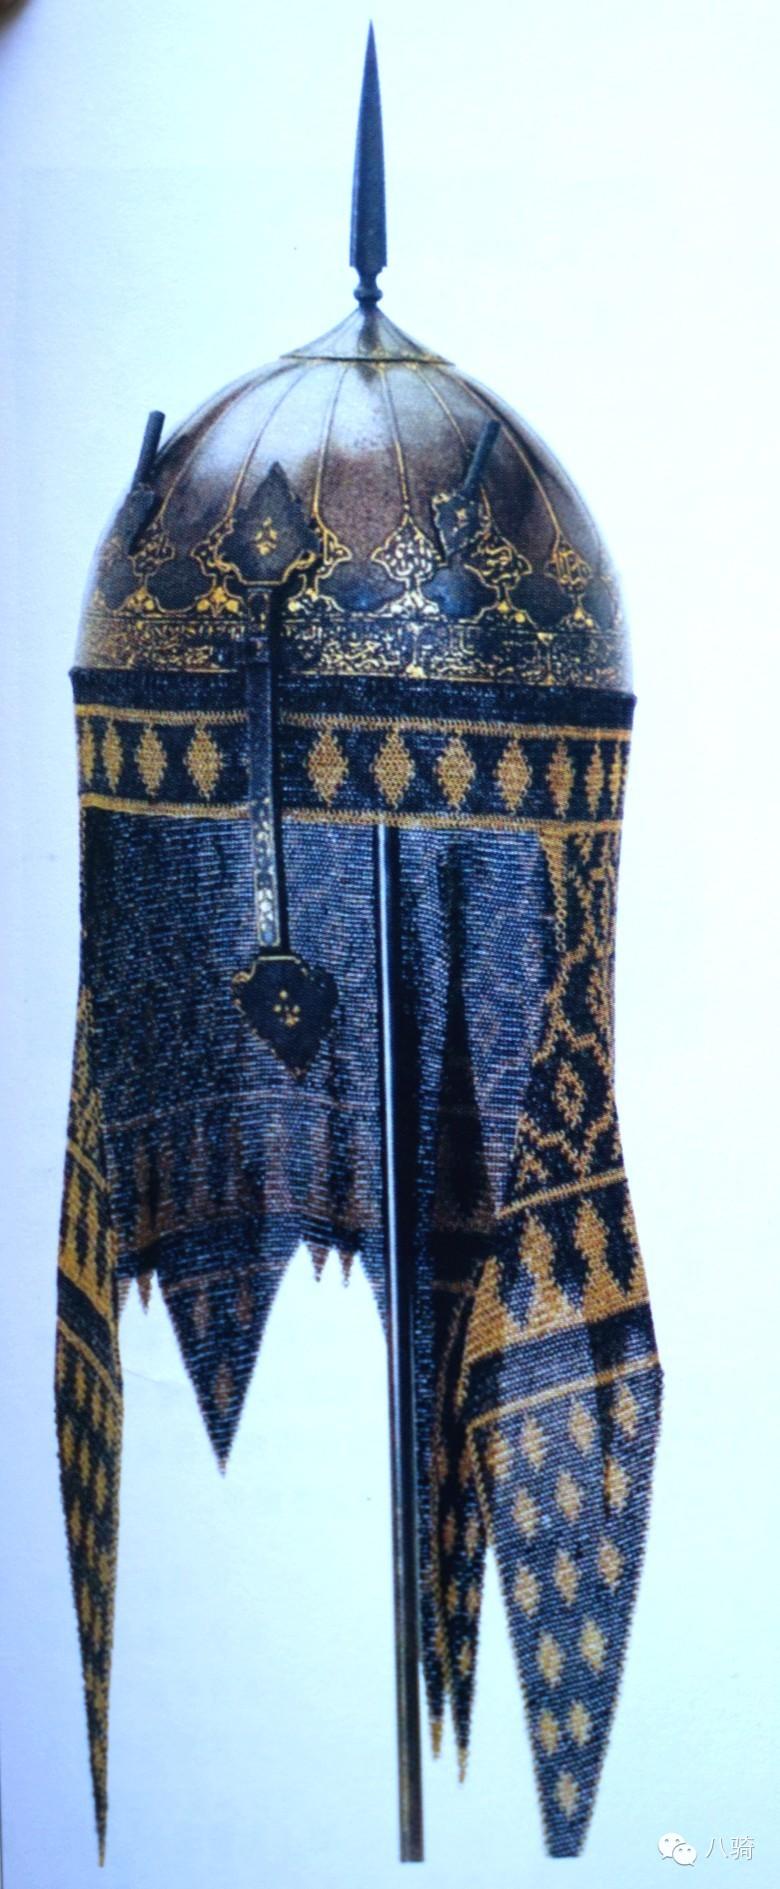 【蒙古文化】冷兵器时代的余温 蒙古铠甲图集 第14张